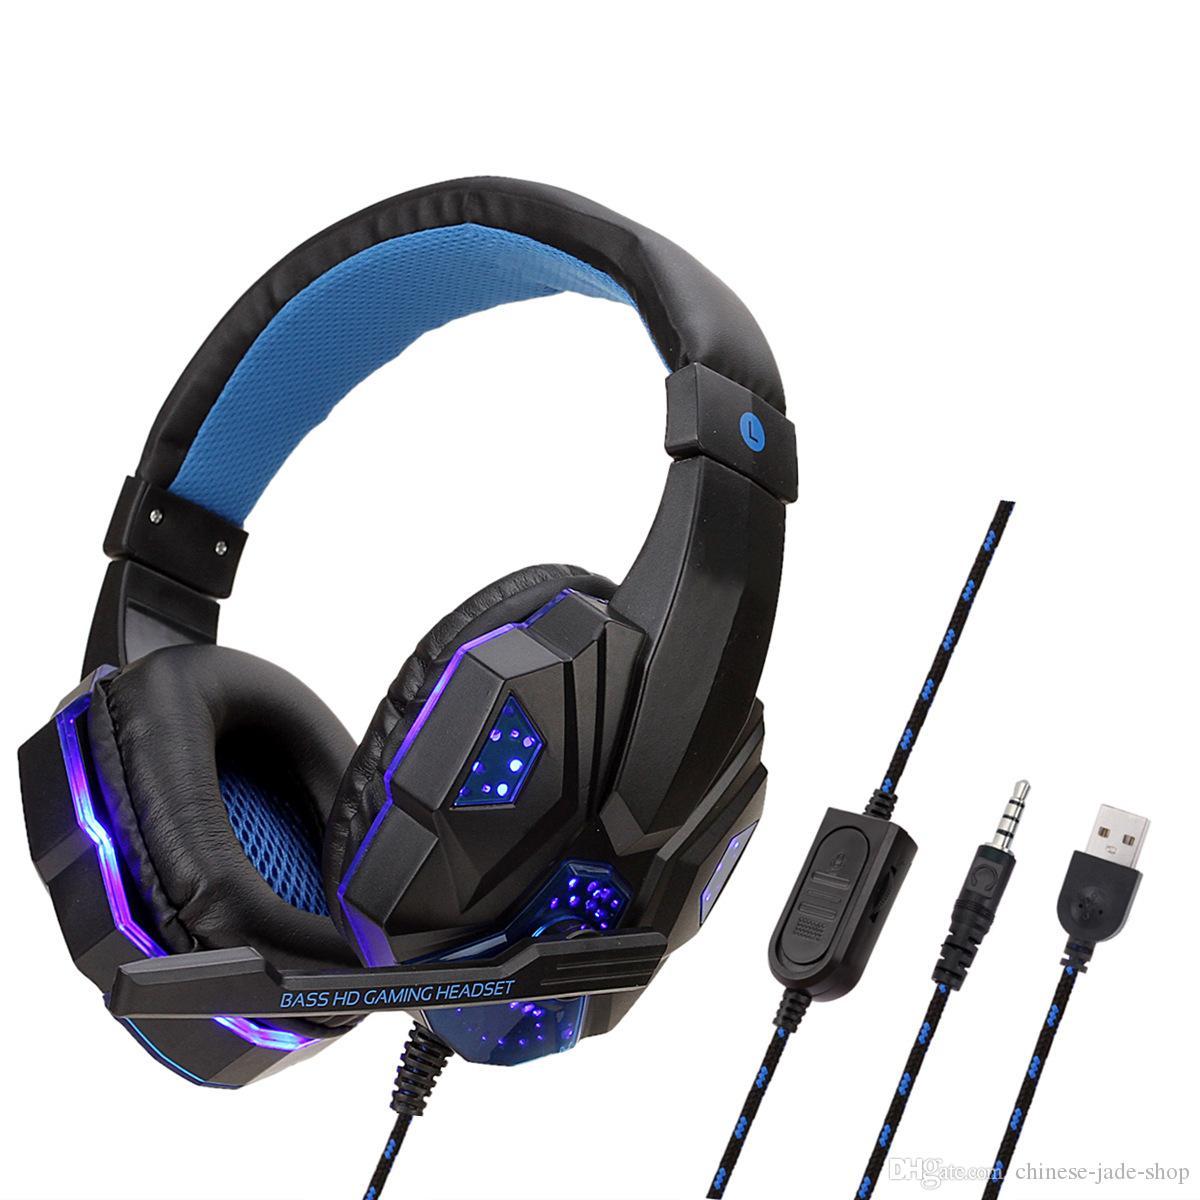 Soyto SY830MV Comprimento Ajustável 3.5mm USB Surround Stereo PARA PS4 XBOX ONE Gaming Headset Headband Fone De Ouvido levou 10 PÇS / LOTE